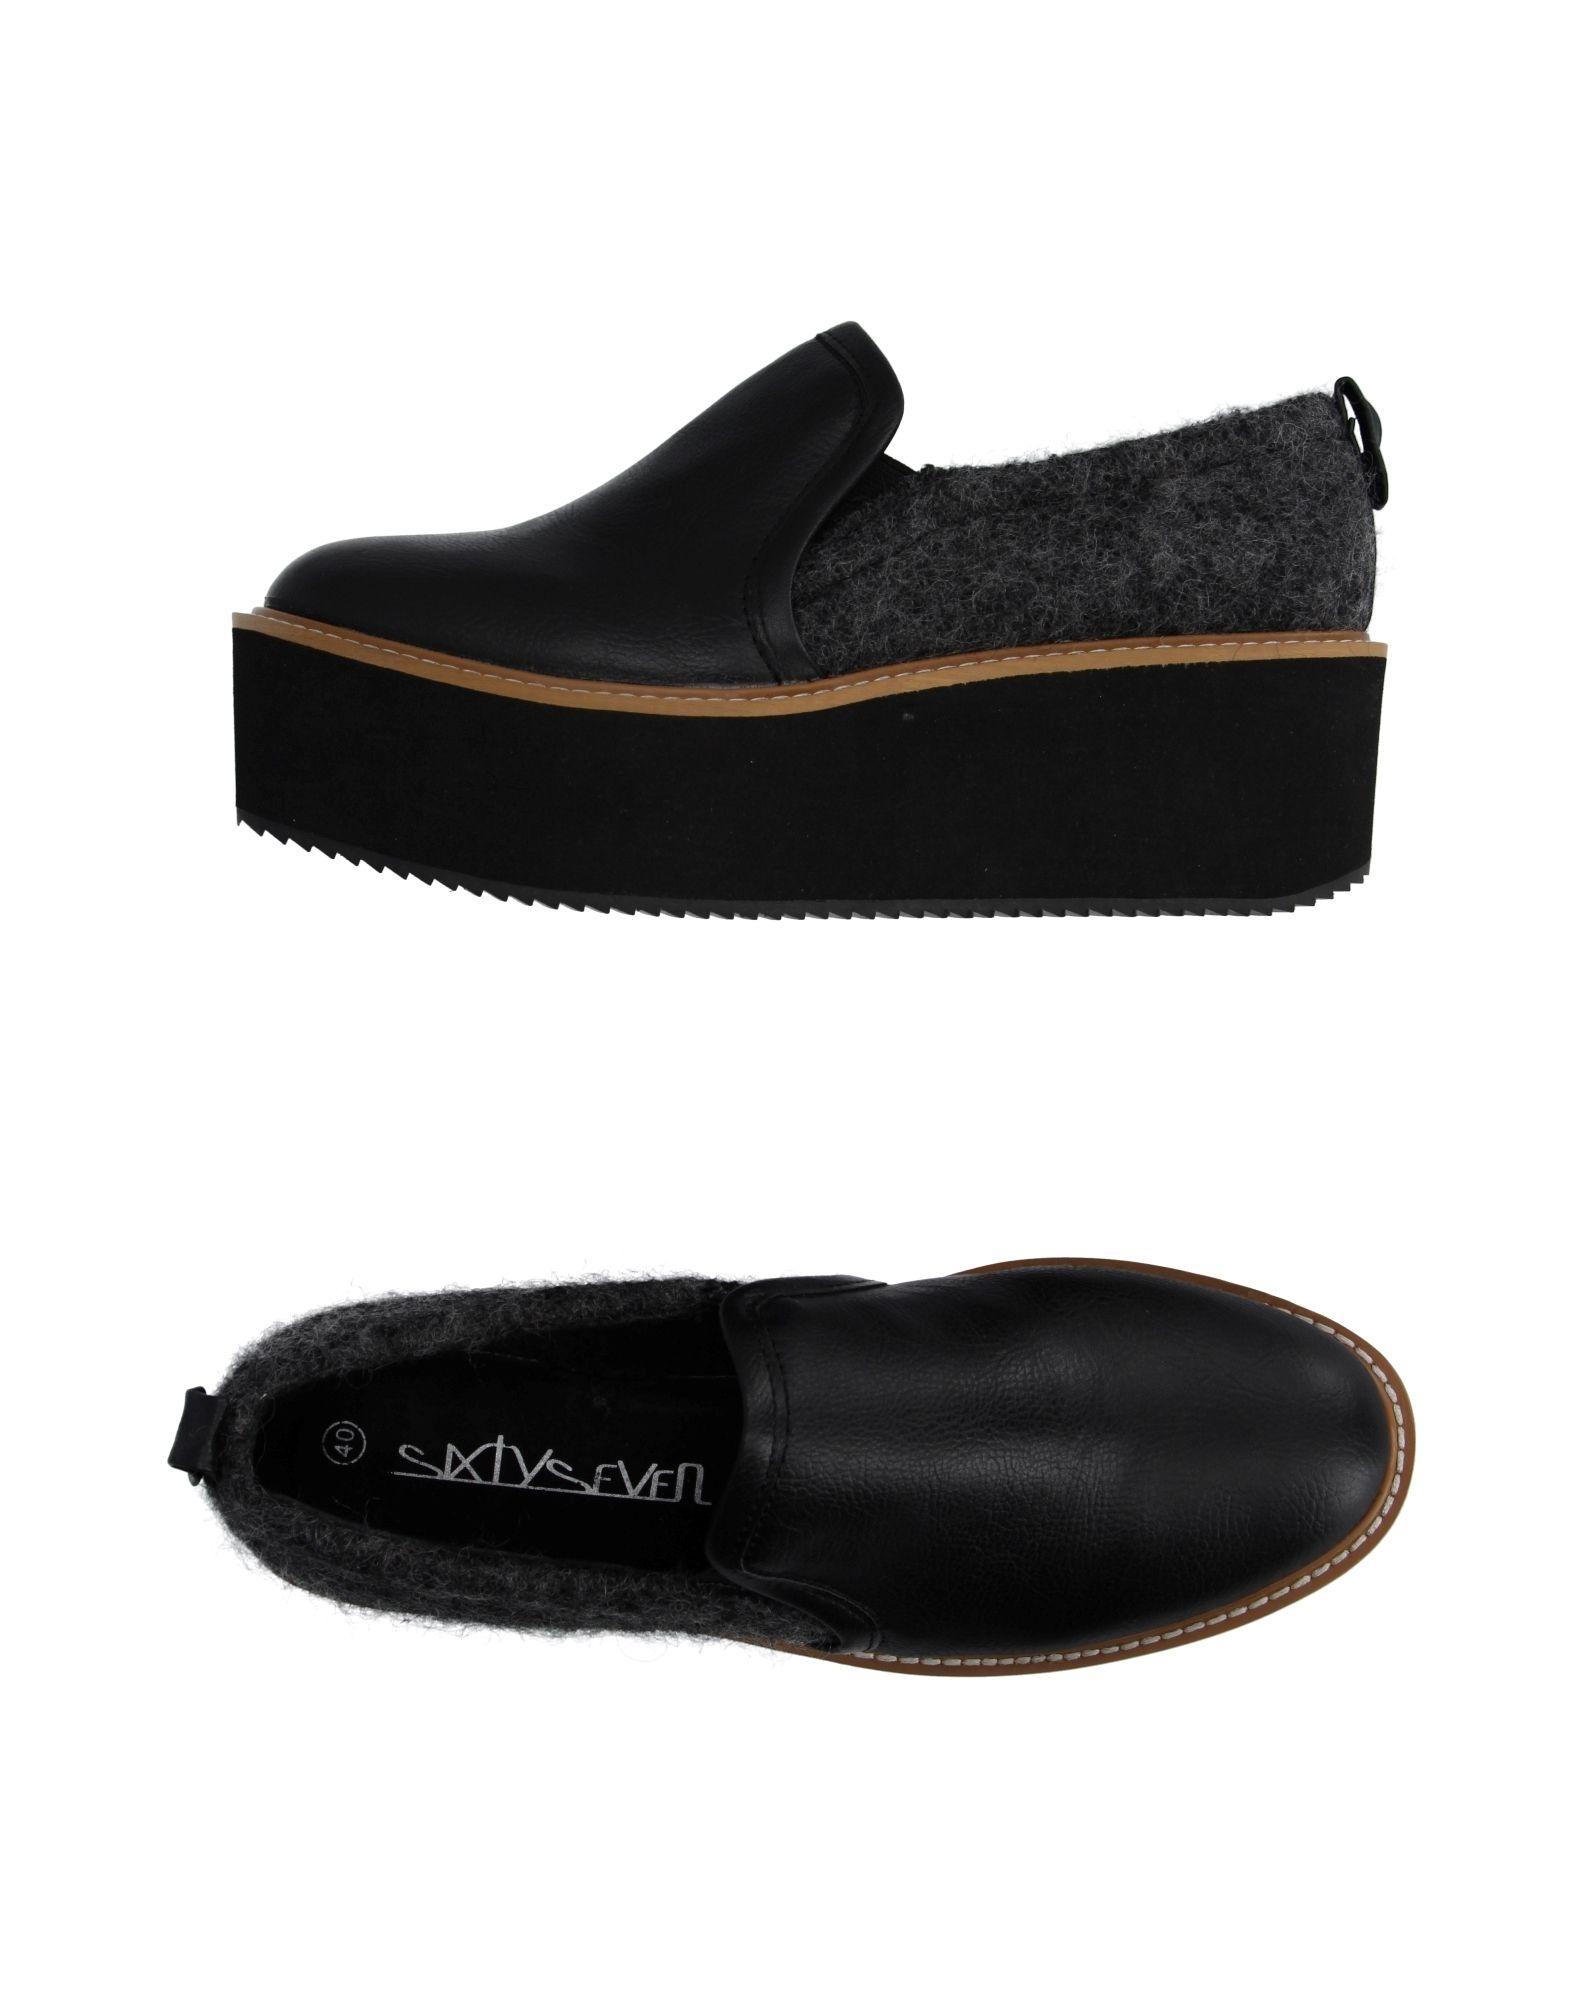 67 Sixtyseven Mokassins Damen  Schuhe 11038755SL Gute Qualität beliebte Schuhe  719815